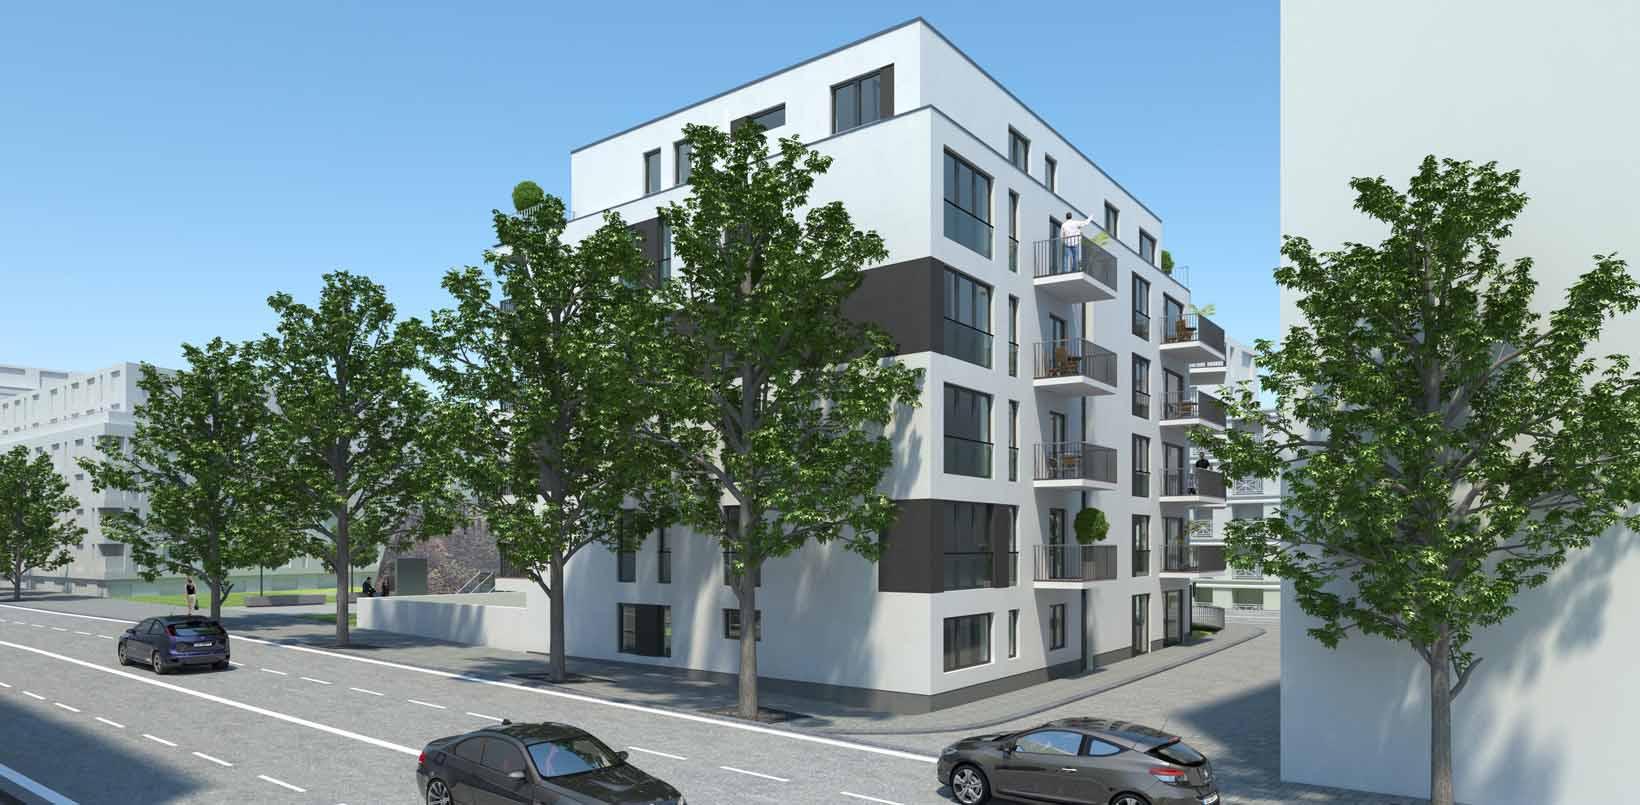 architekt mainz top henning franz with architekt mainz. Black Bedroom Furniture Sets. Home Design Ideas